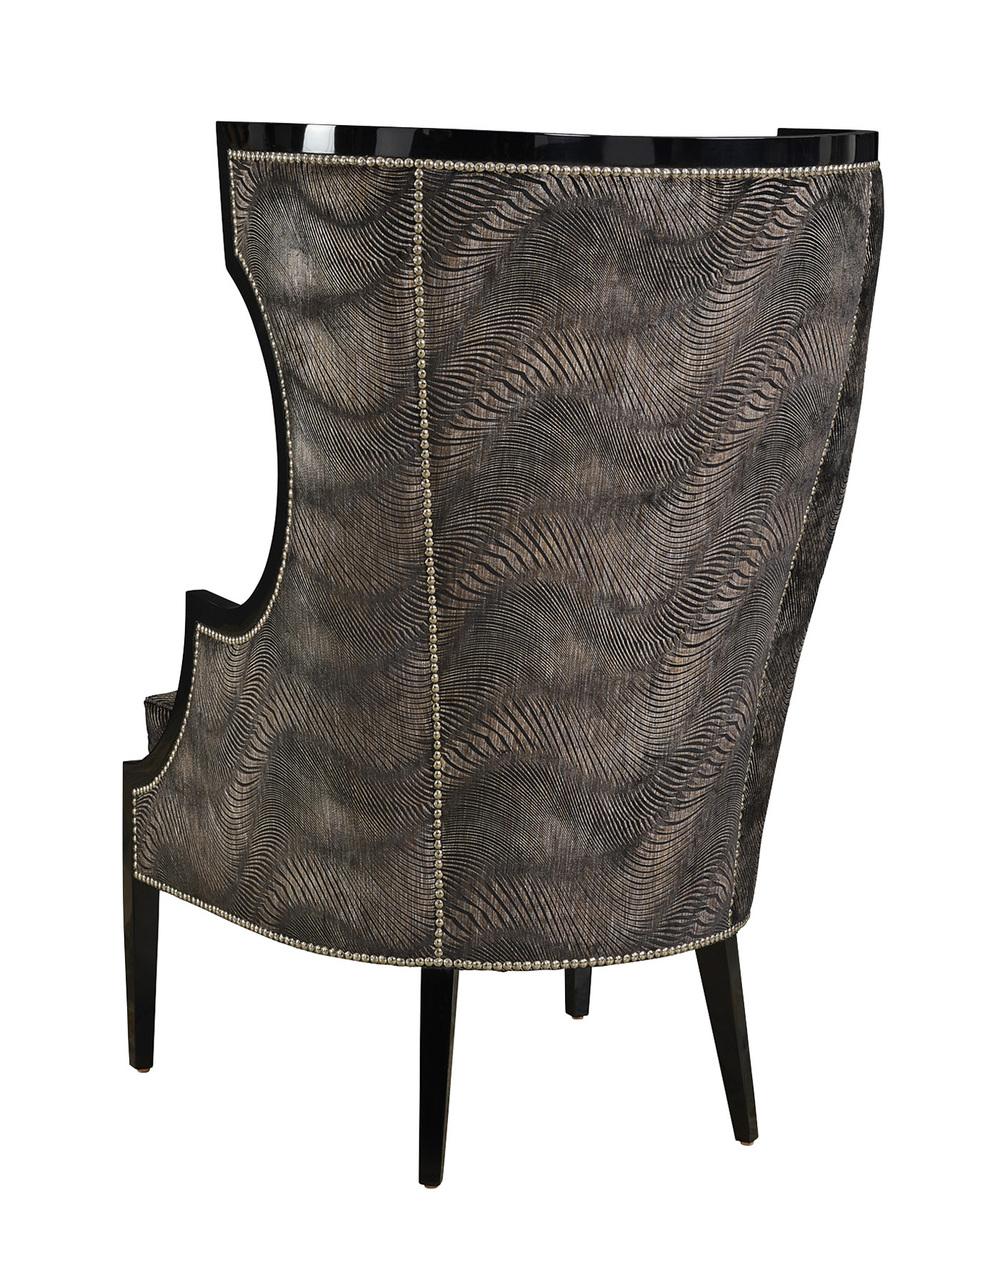 Marge Carson - Karma Chair